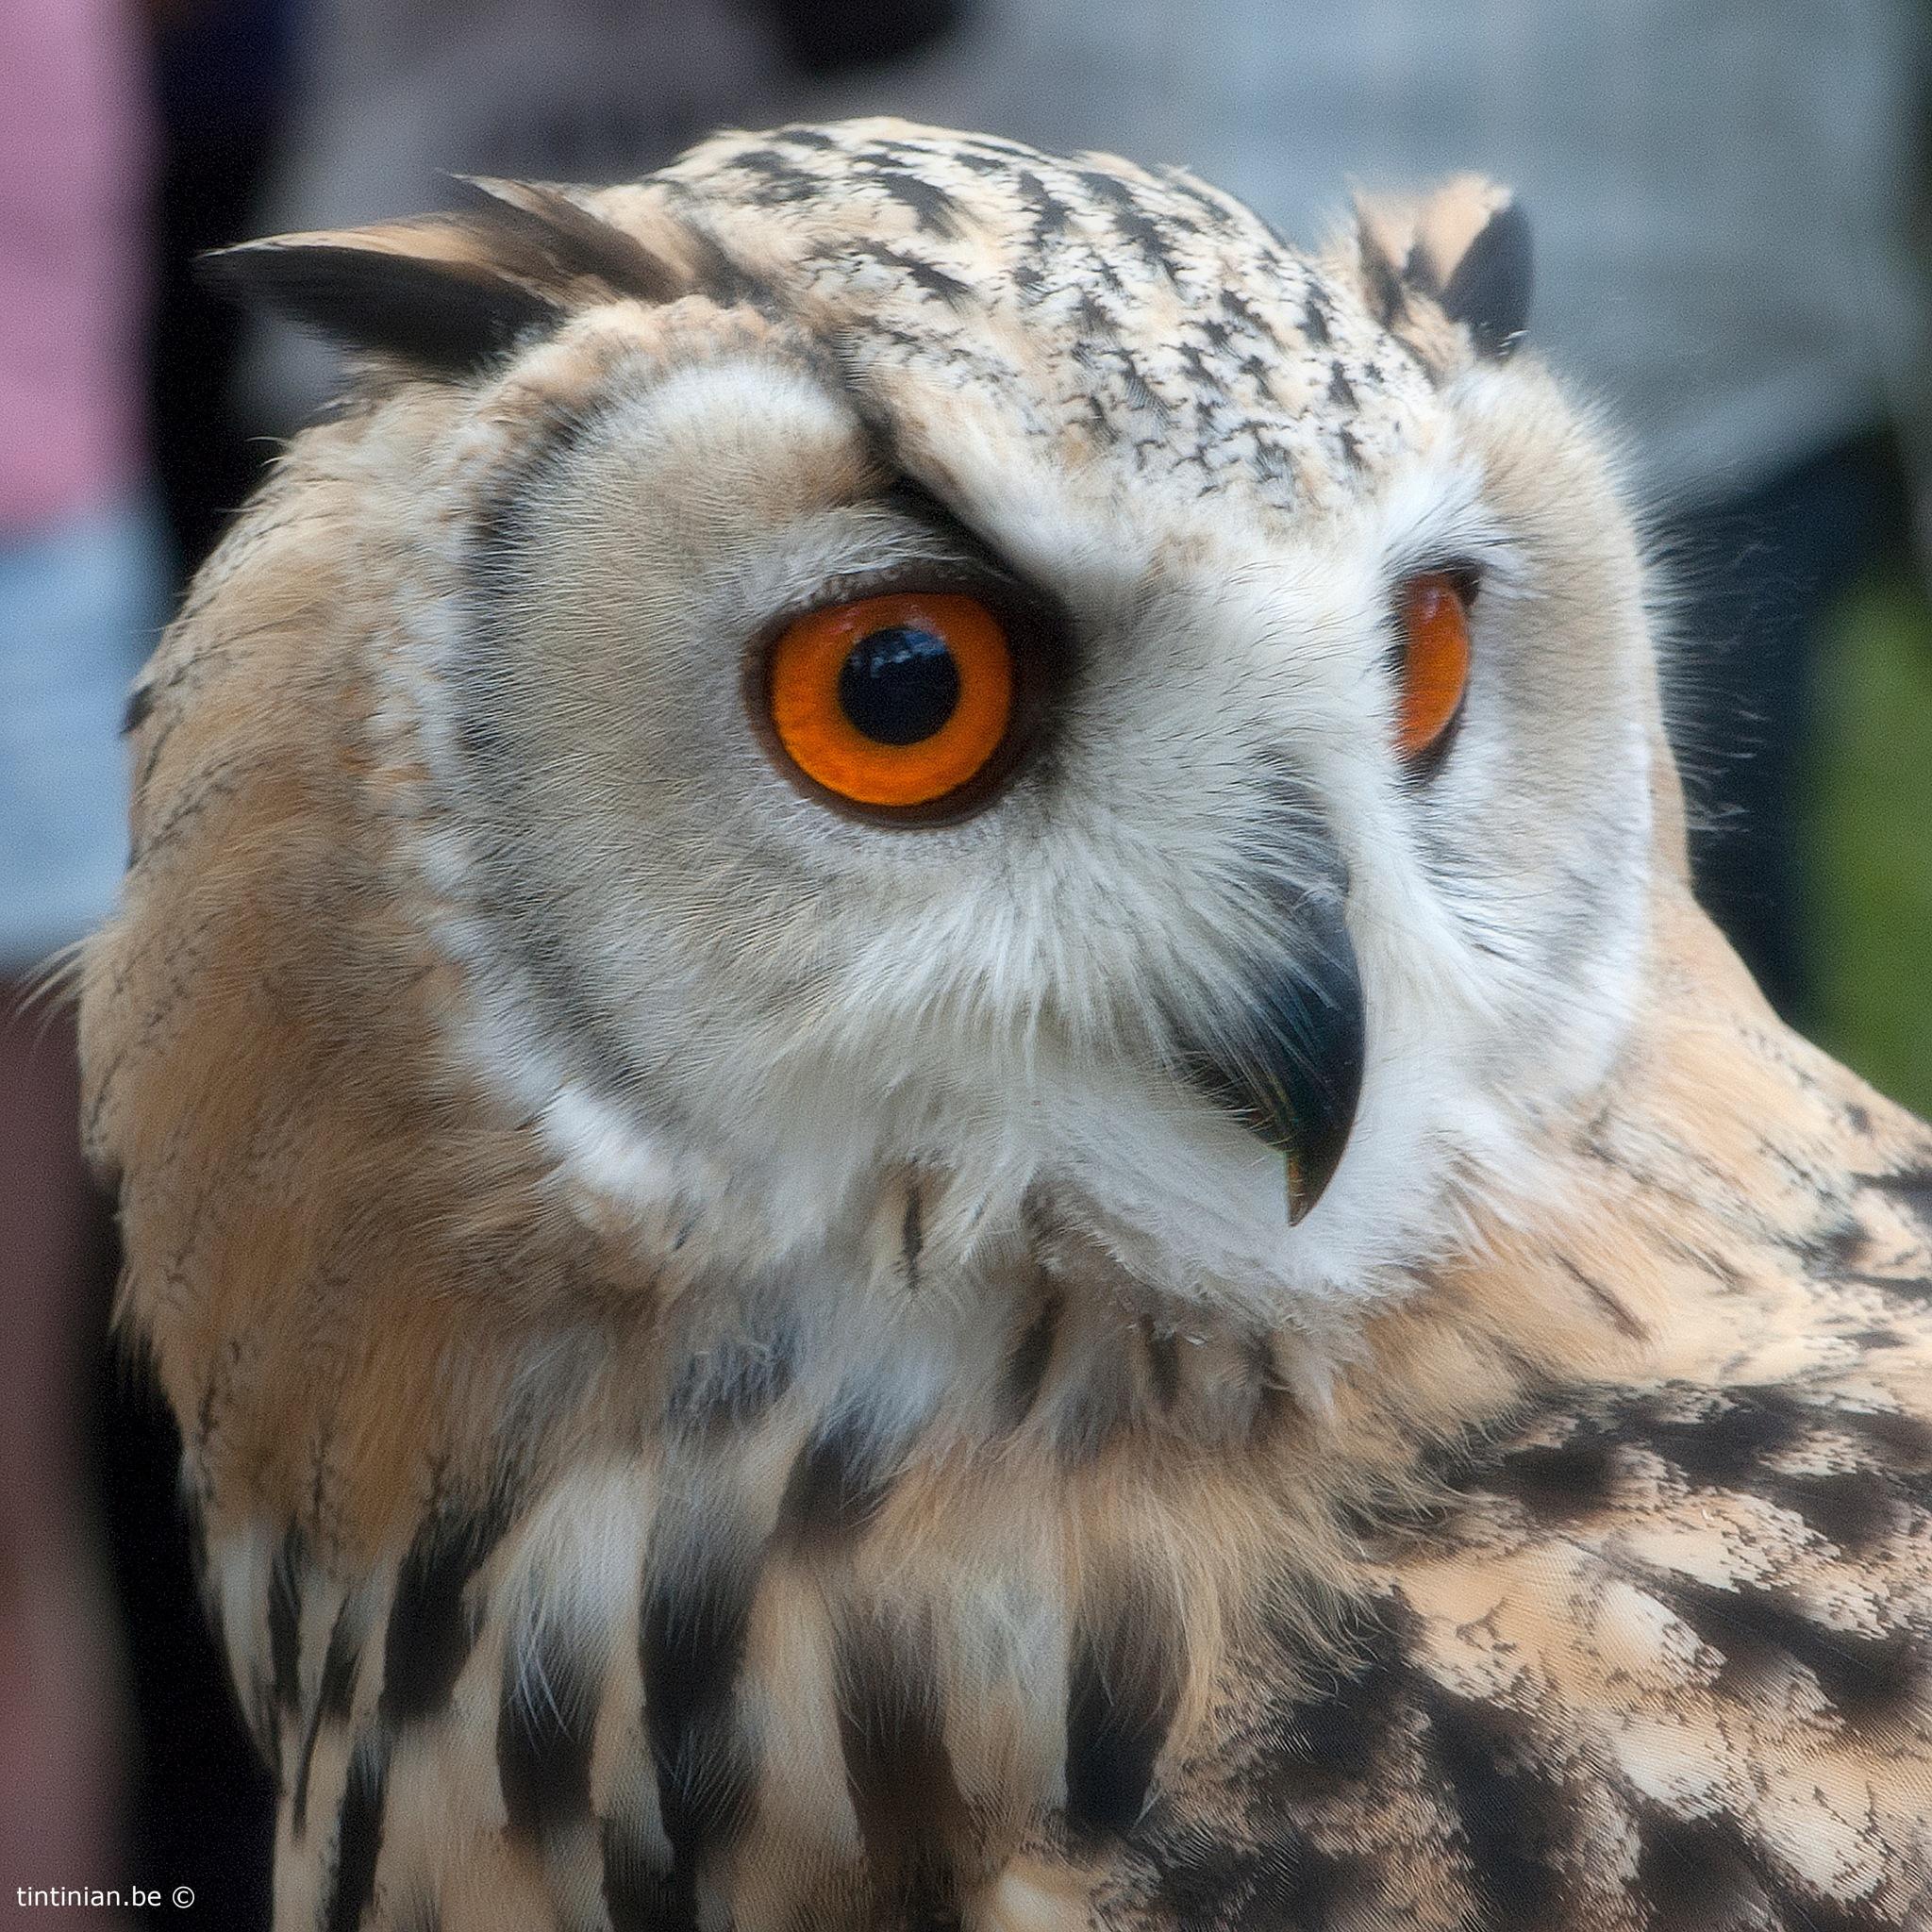 Owl by Etienne de Maeyer